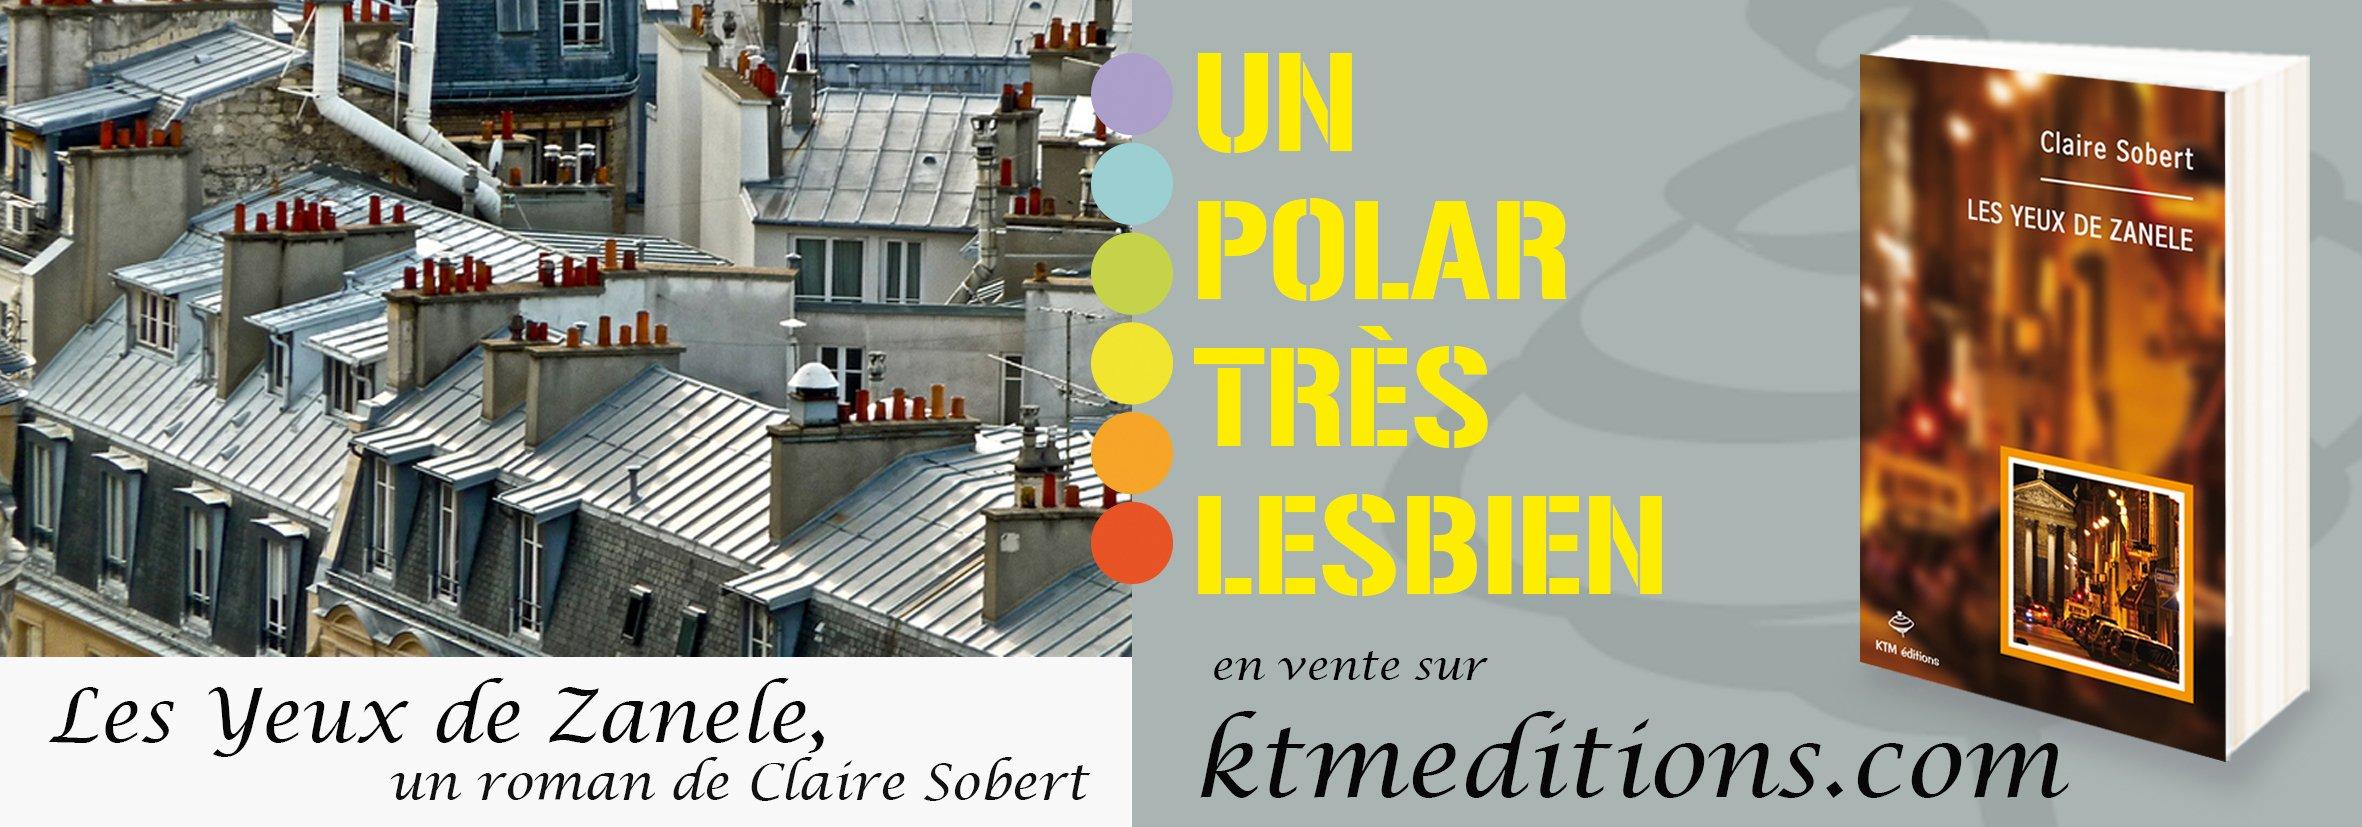 100% policier, 100% lesbien, le nouveau roman des Editions KTM